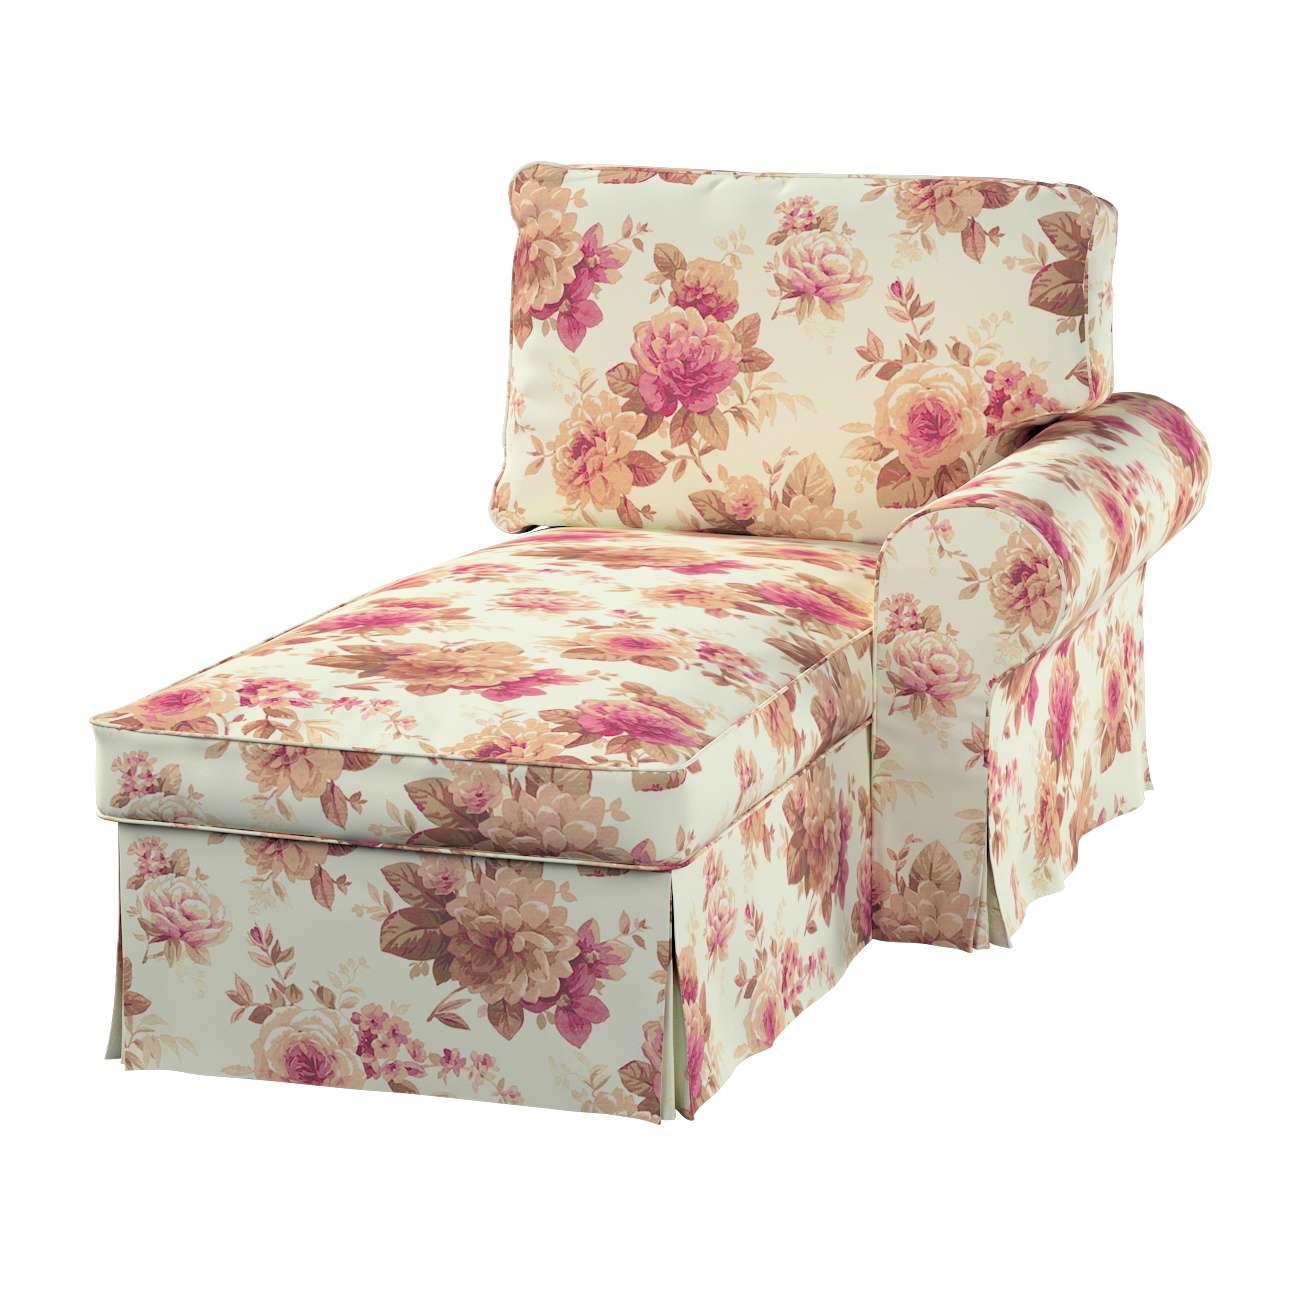 Ektorp gulimajo krėslo užvalkalas  (su porankiu, dešiniojo) Ektorp gulimojo krėslo užvalkalas su porankiu (dešiniojo) kolekcijoje Mirella, audinys: 141-06